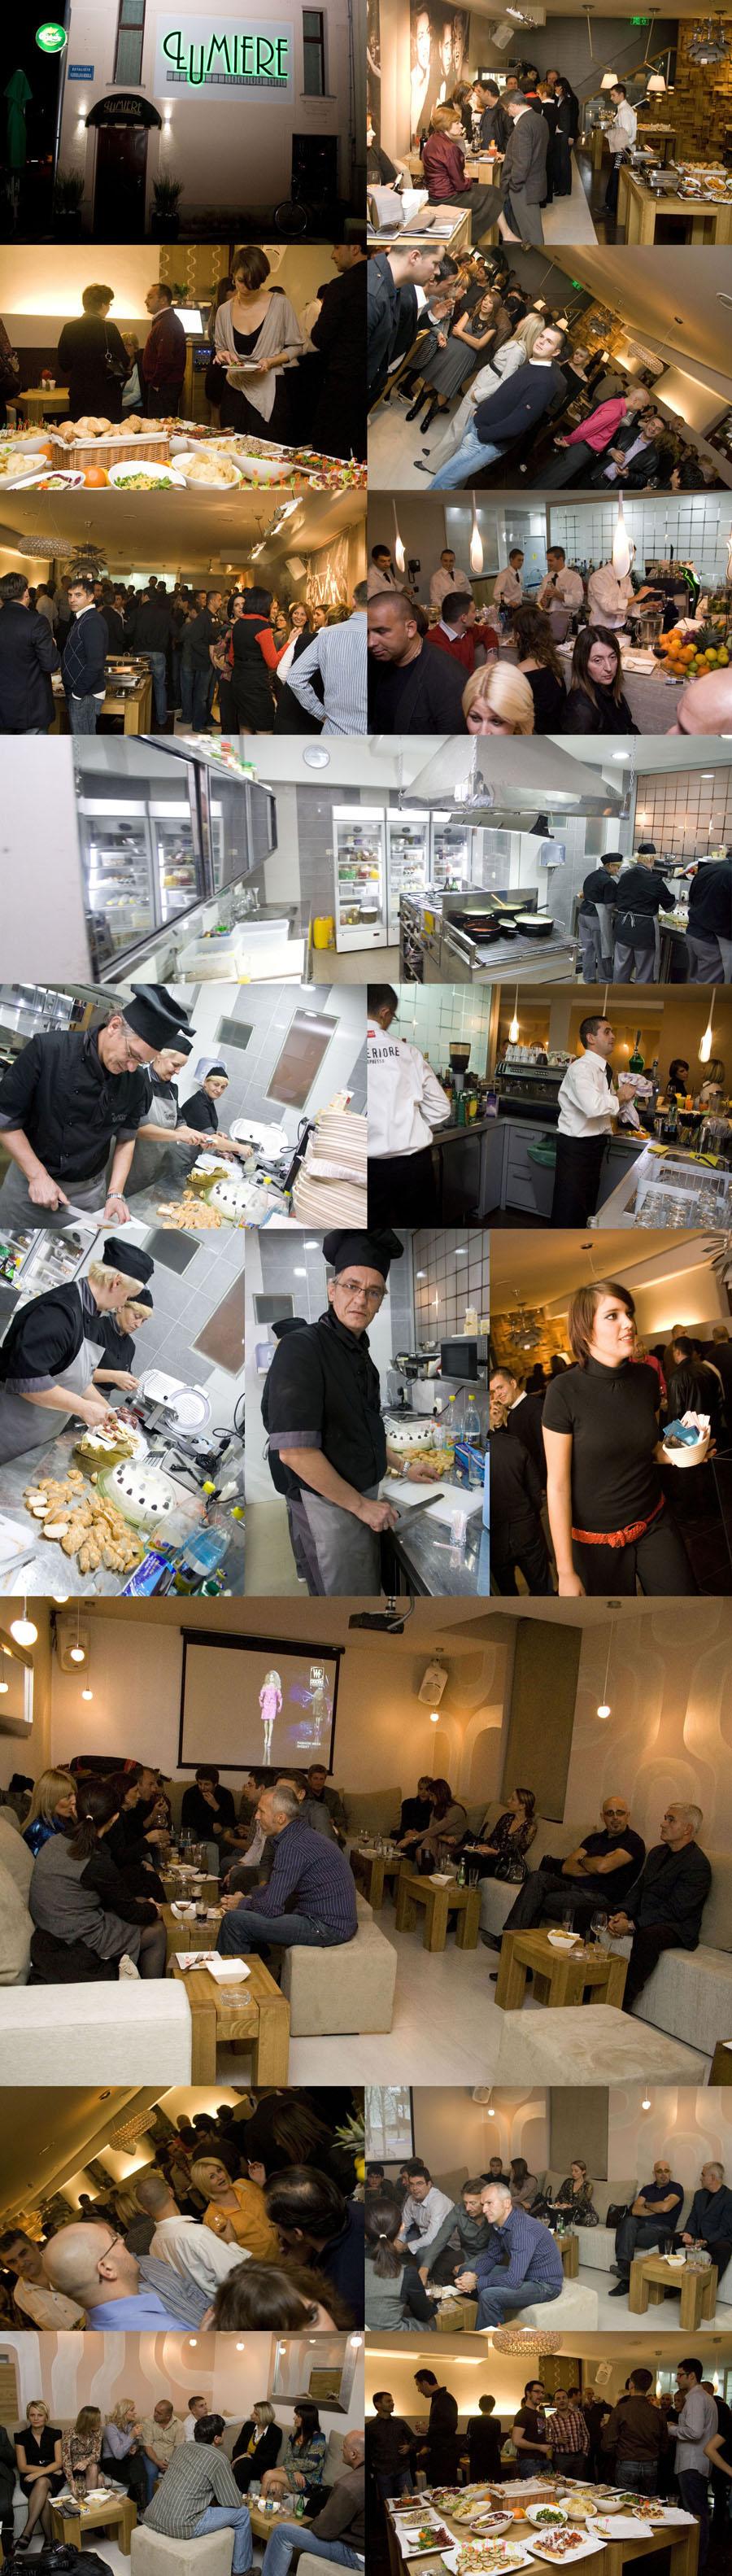 Lumiere - otvorenje [kolaž]  Otvara se [url=http://www.osijek031.com/osijek.php?najava_id=15547]Lumiere[/url] Foto: [b]zeros[/b]  Ključne riječi: lumiere restoran